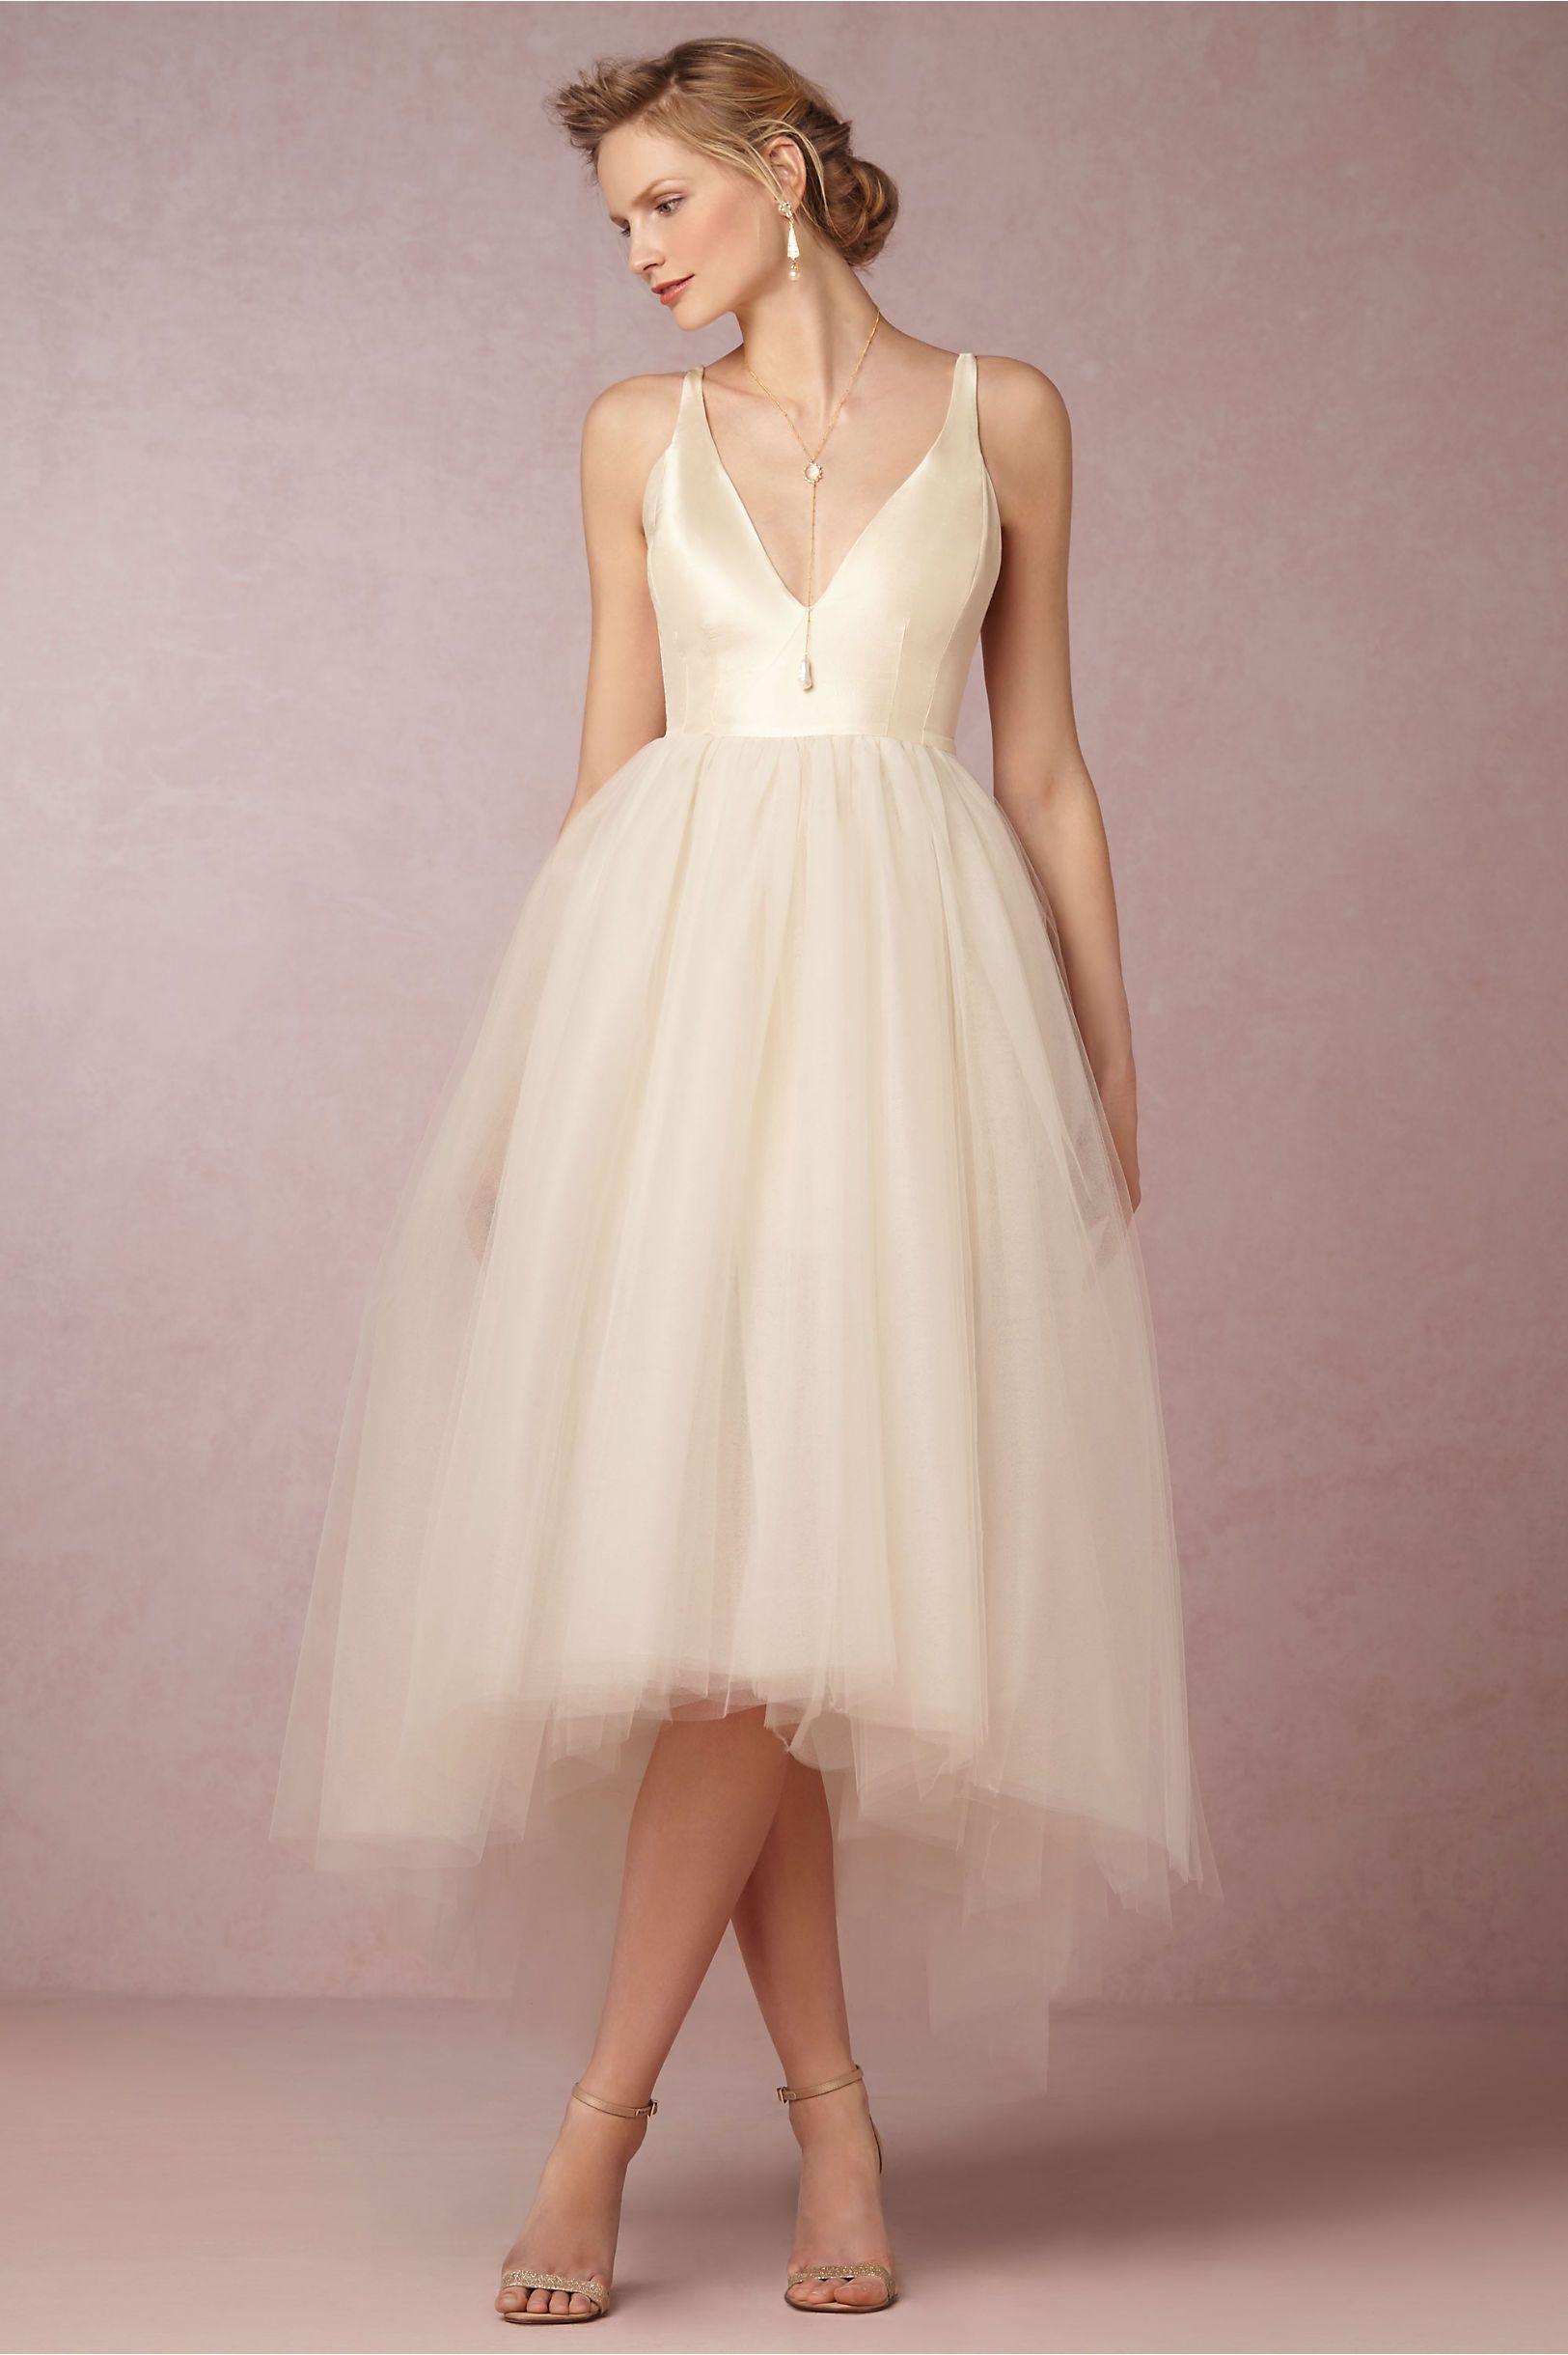 BHLDN Gillian Tulle Dress | Pinterest | Tulle dress, Wedding dress ...